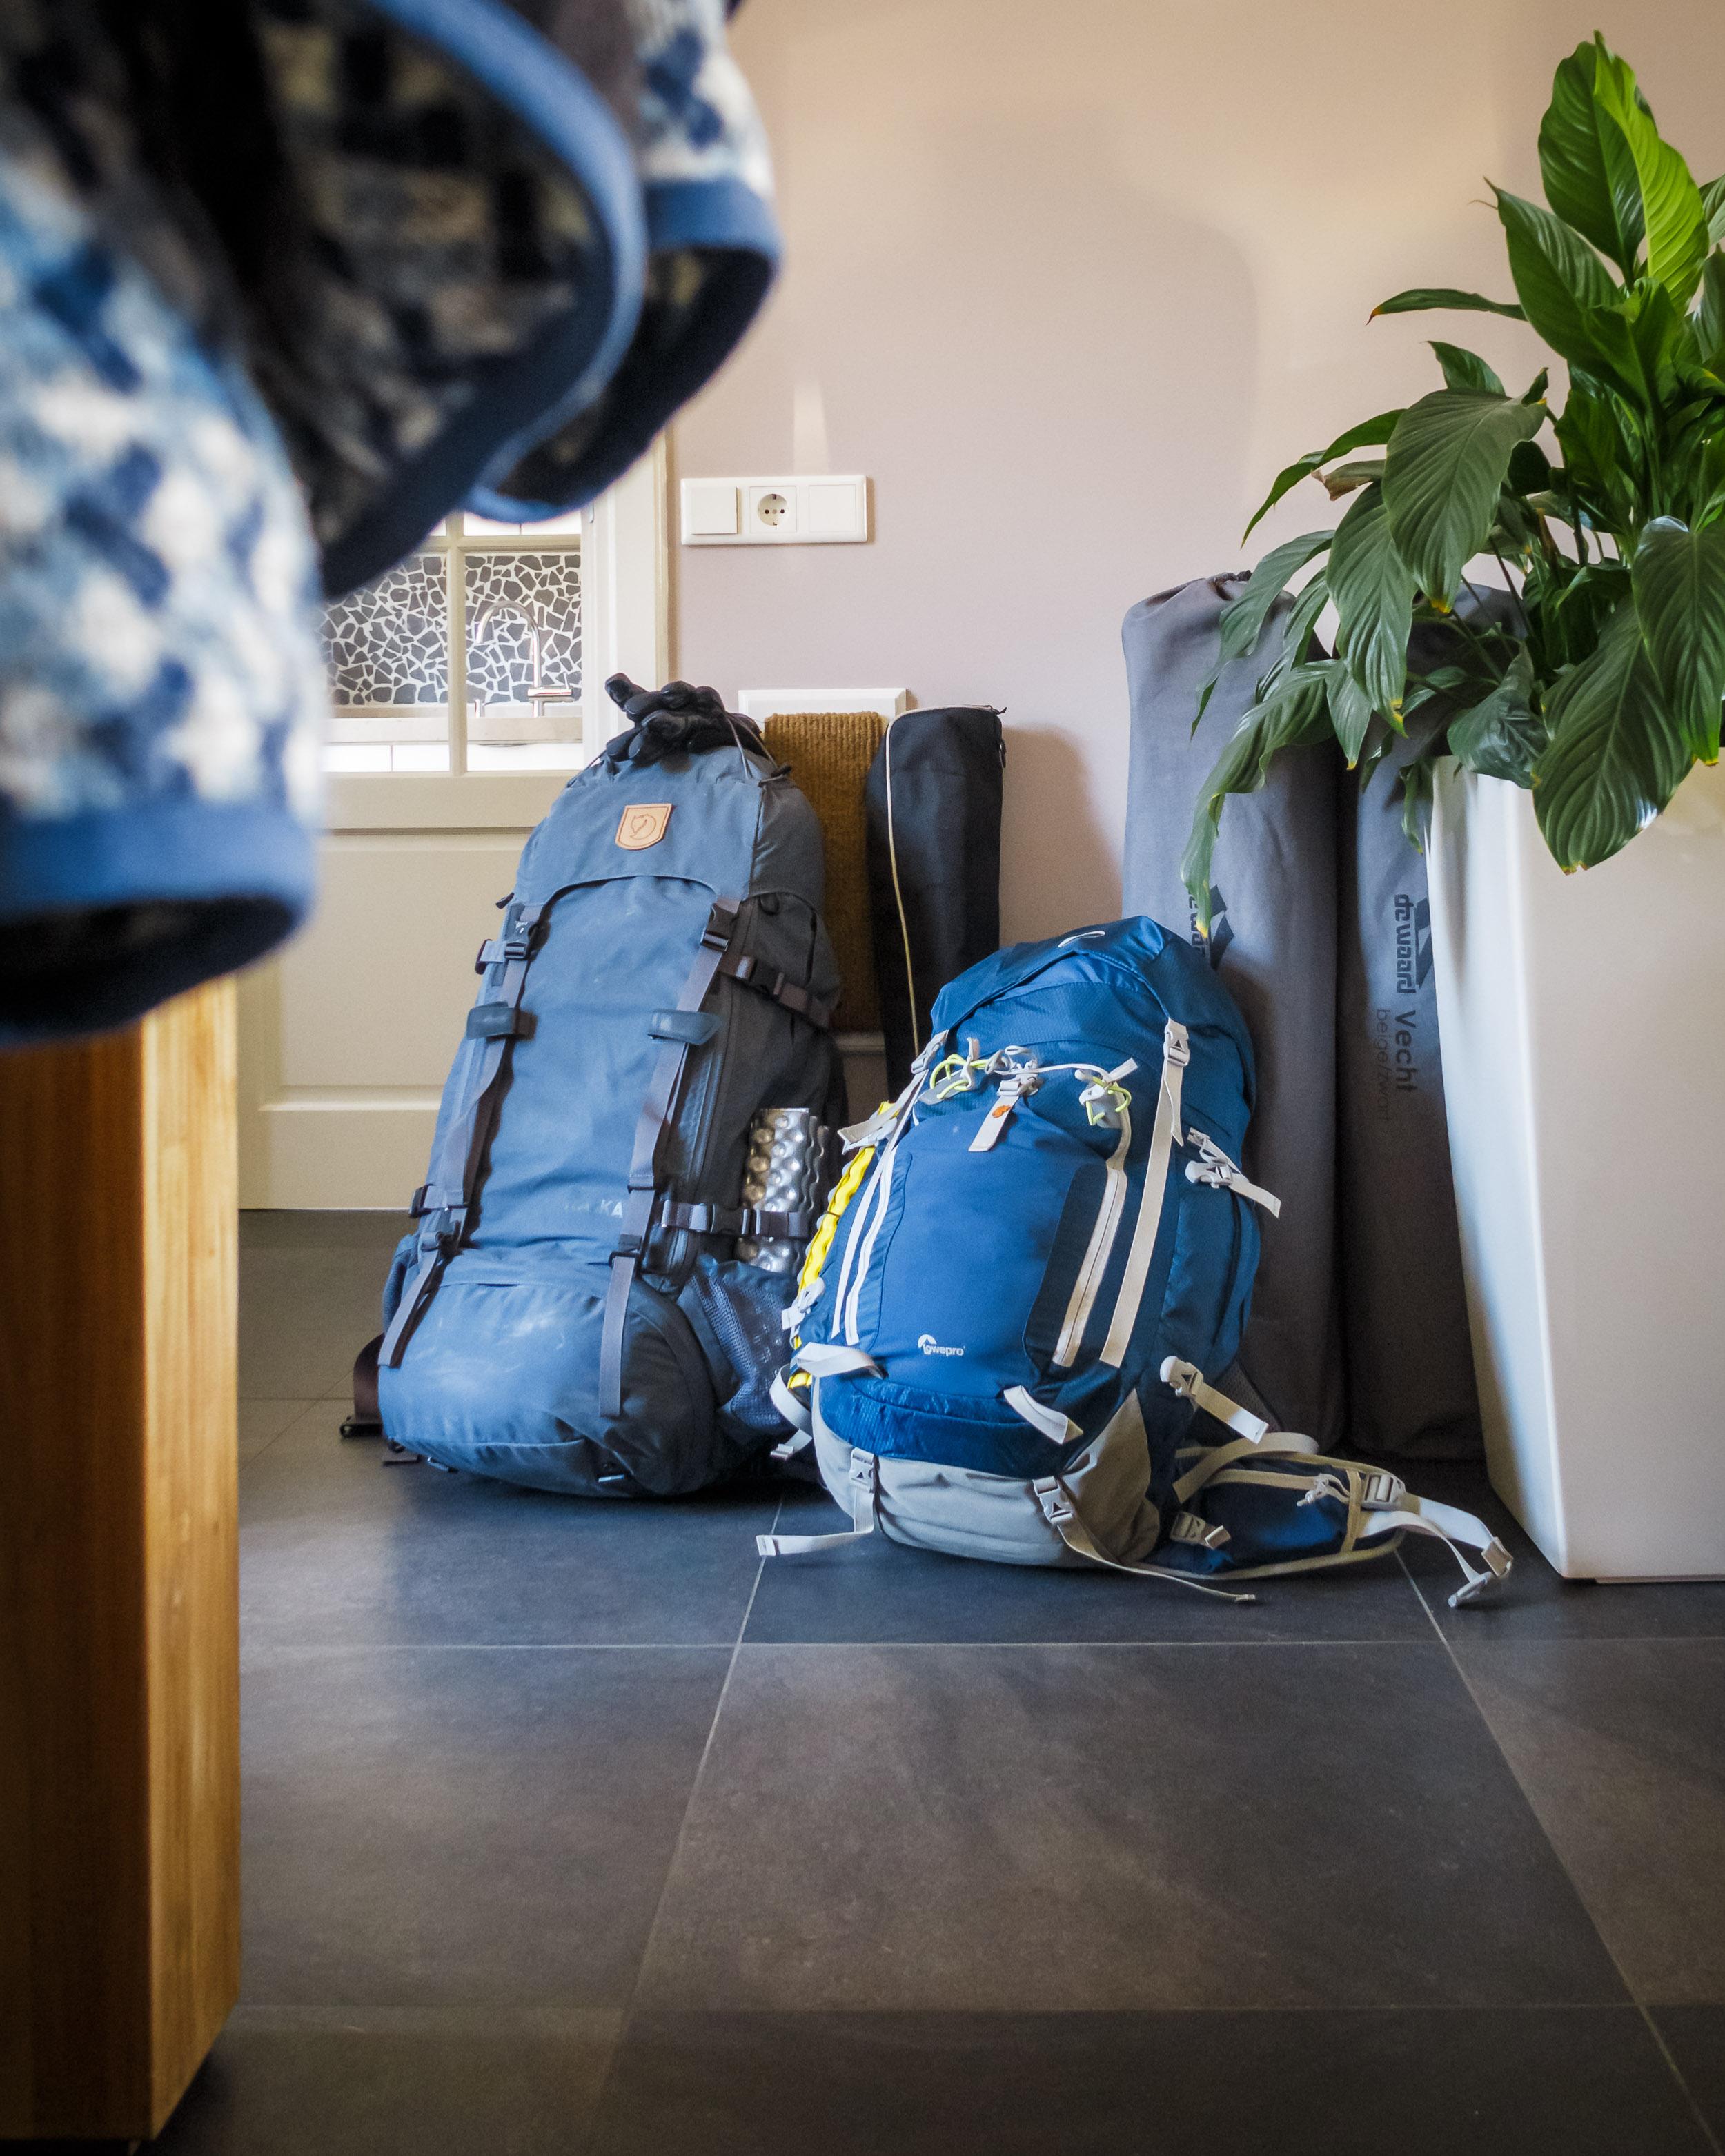 De backpacks staan klaar, we kunnen gaan!